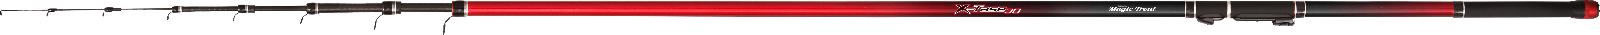 Magic Trout X-Tase 4,0 m, Forellenrute/Friedfischrute